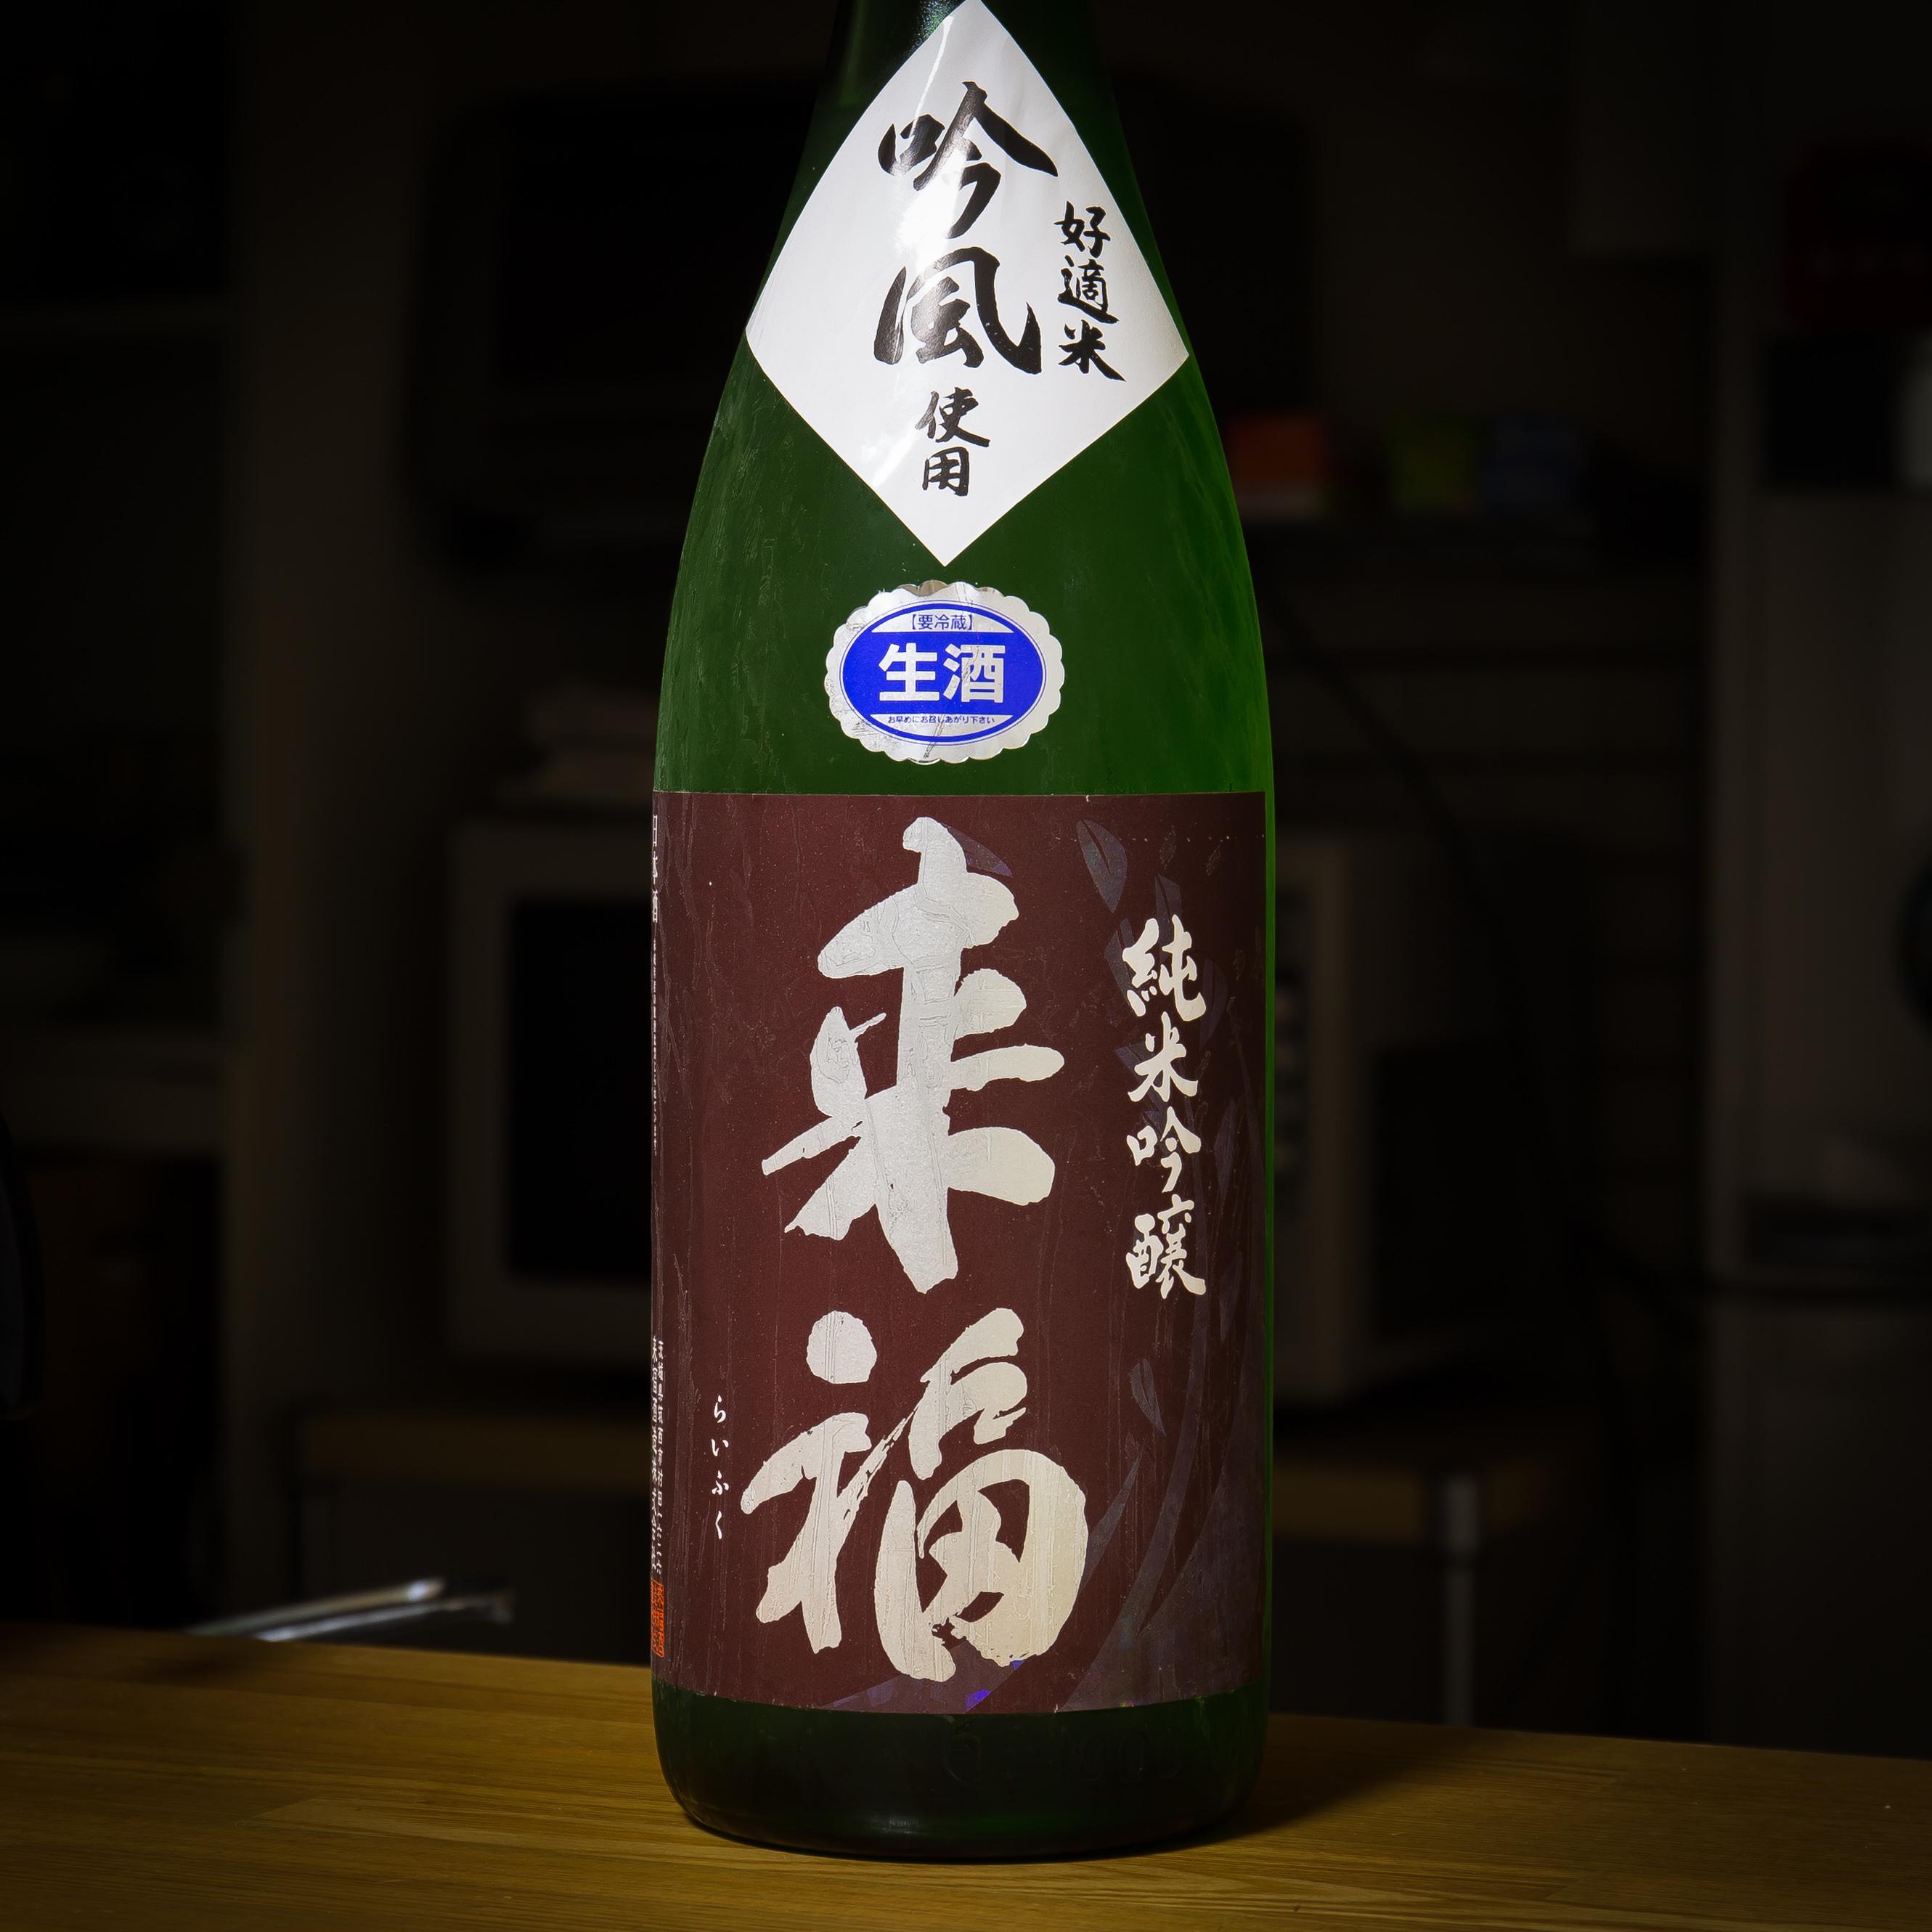 晩酌ダイジェスト1603(2)